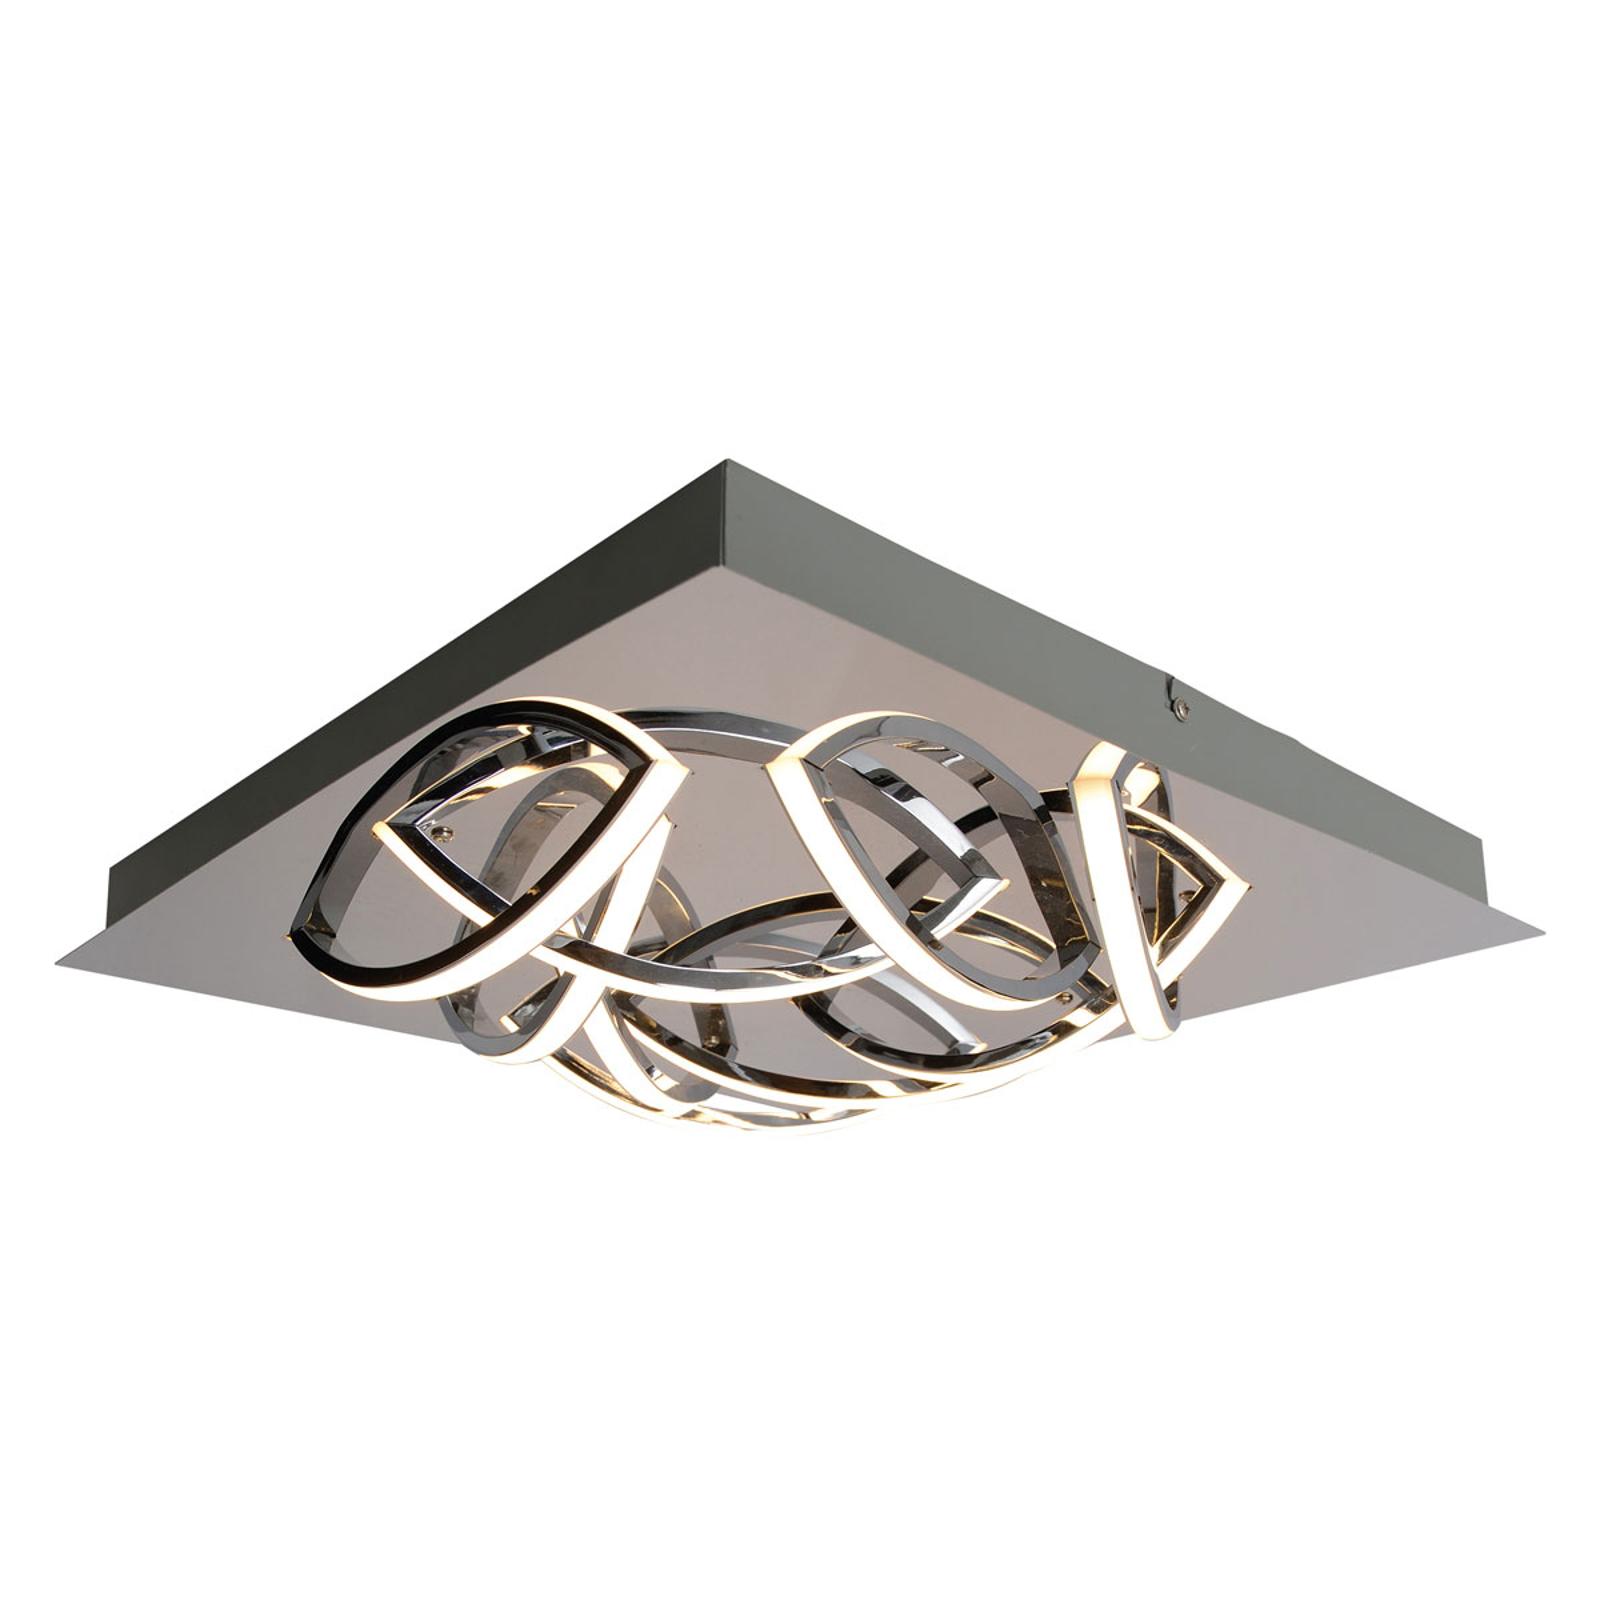 Lampa sufitowa LED Manchester, 9-punktowa